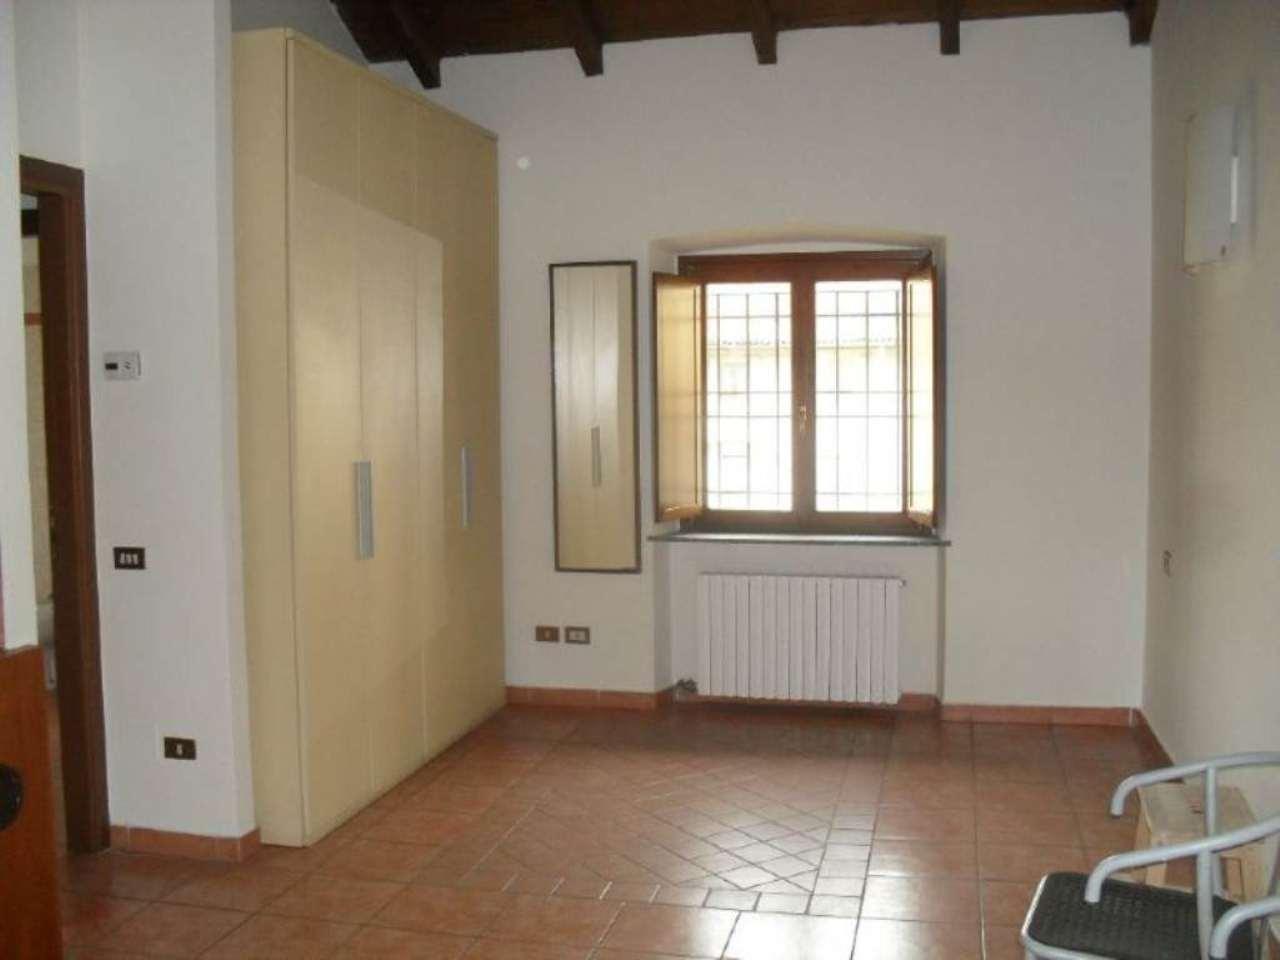 Appartamento in affitto a Muggiò, 2 locali, prezzo € 550 | Cambio Casa.it